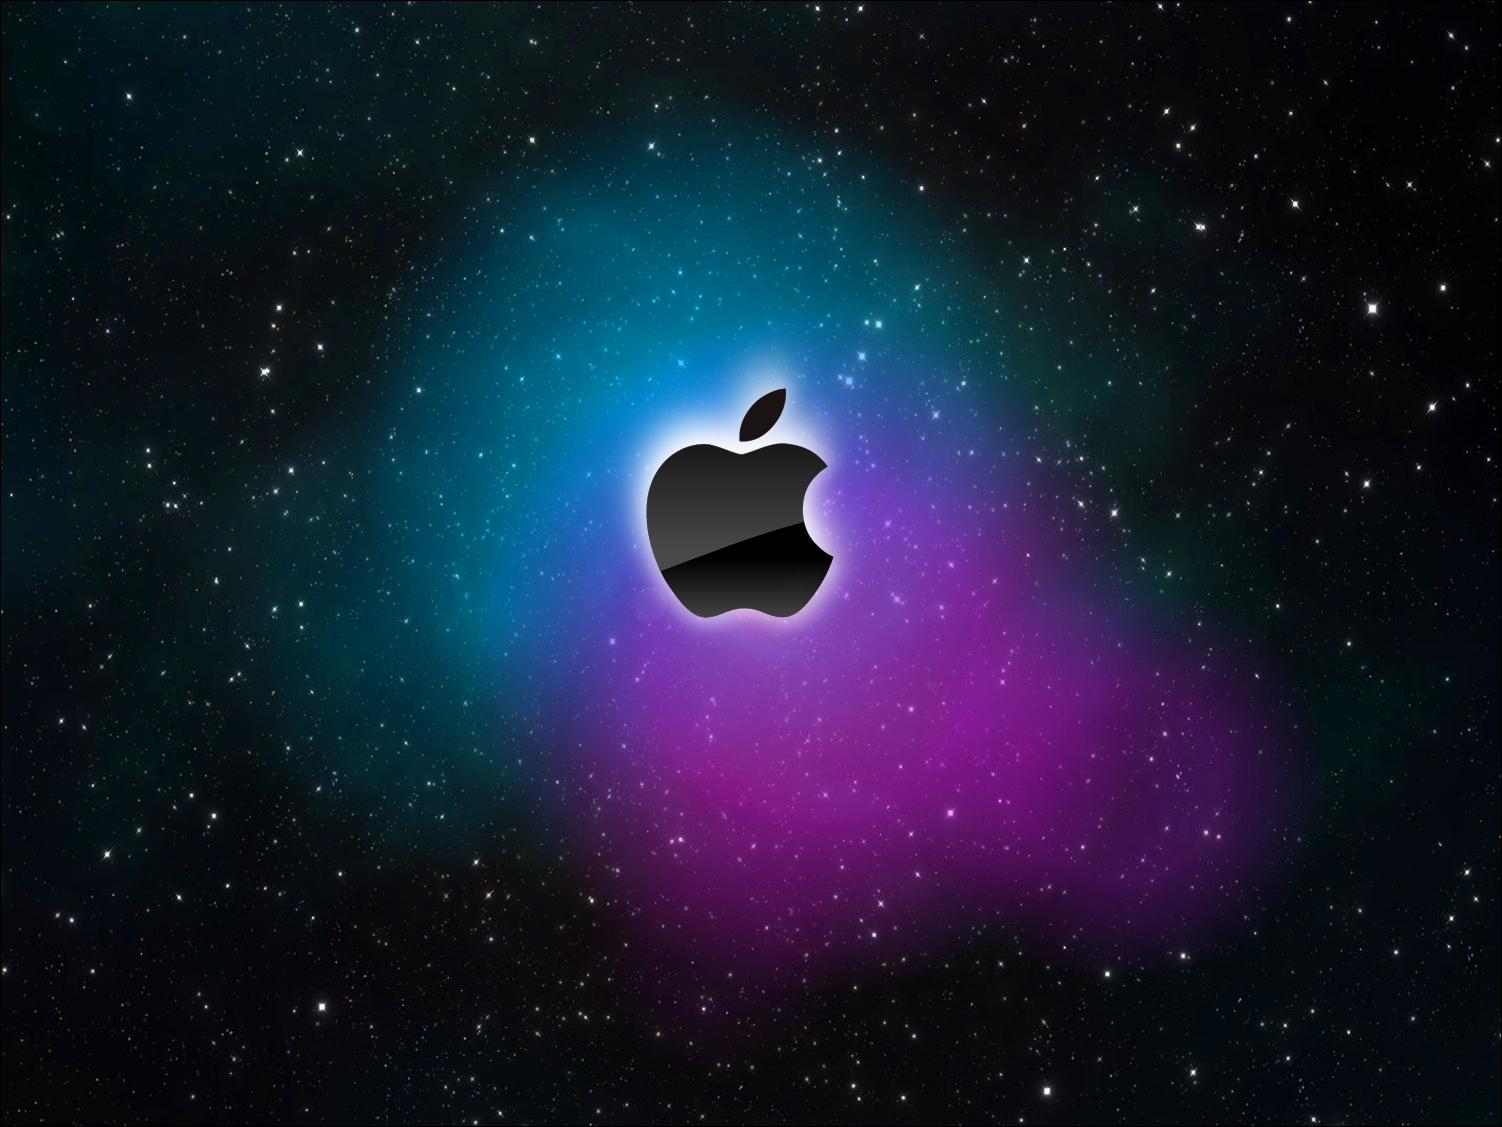 apple wallpaper for xp apple wallpaper for xp apple wallpaper high 1502x1127